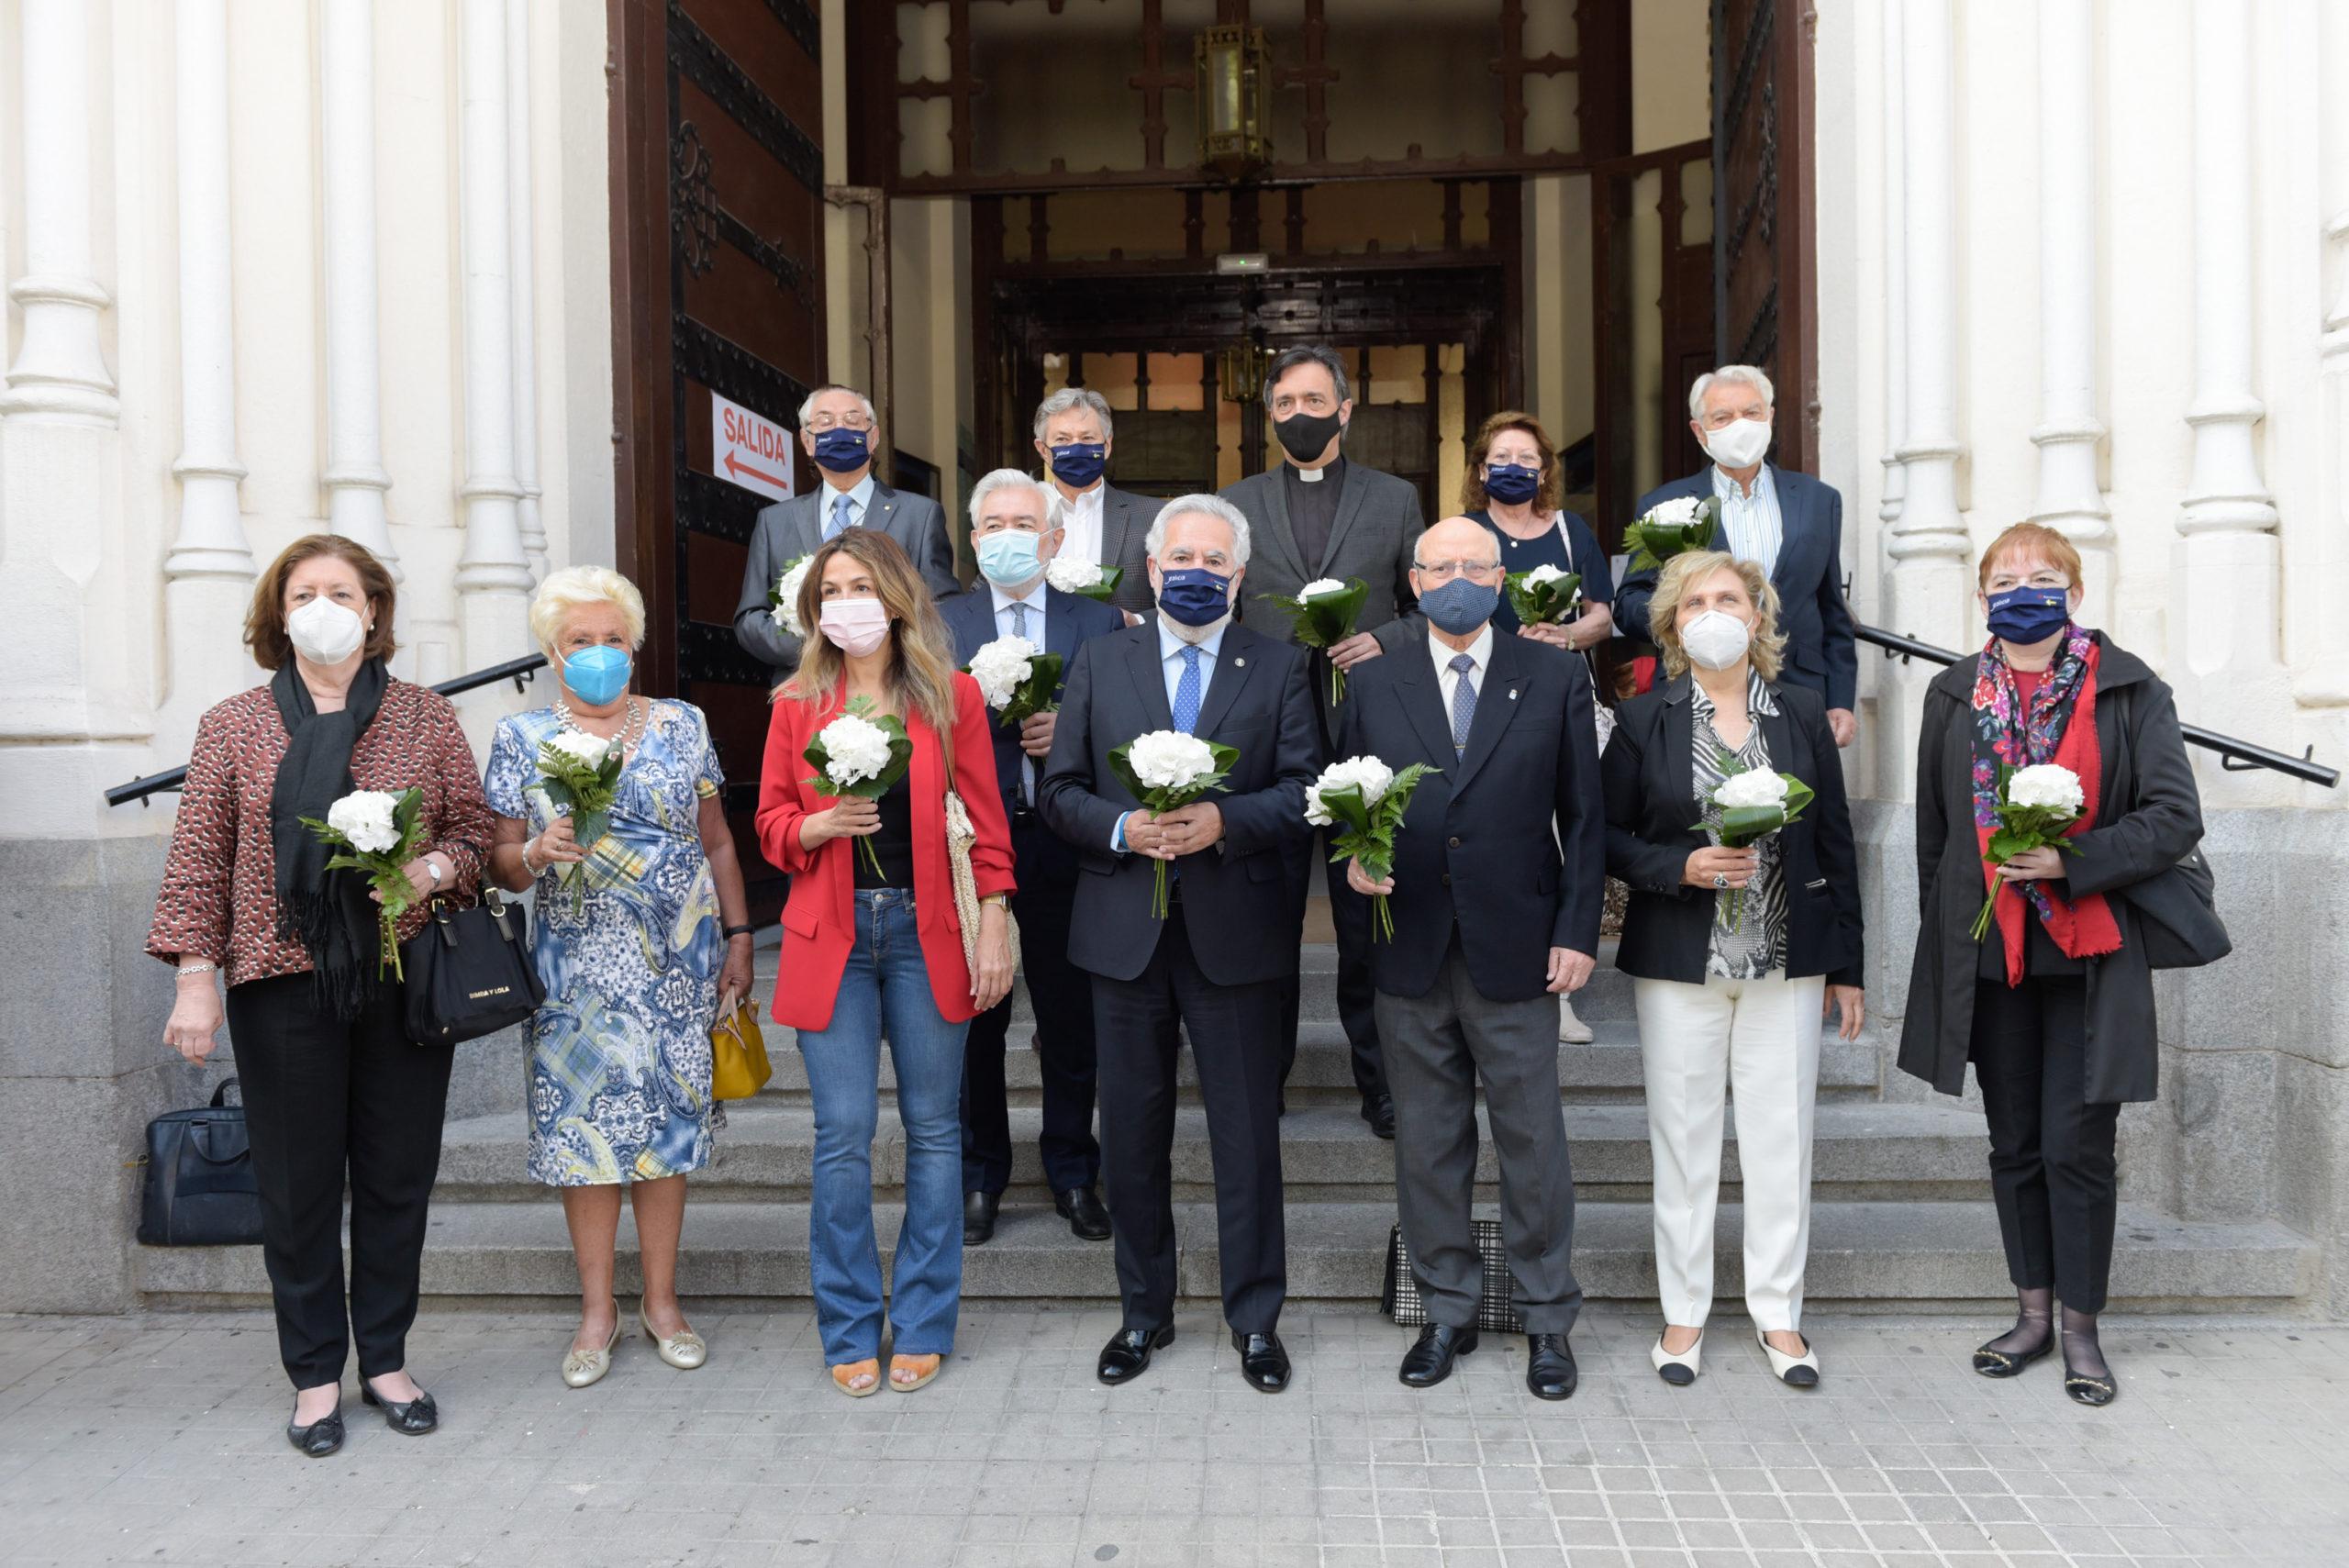 Grupo representando a las Asociaciones y Centros Gallegos de Madrid en la escalinata de la Basílica de Nuestra Señora de La Concepción